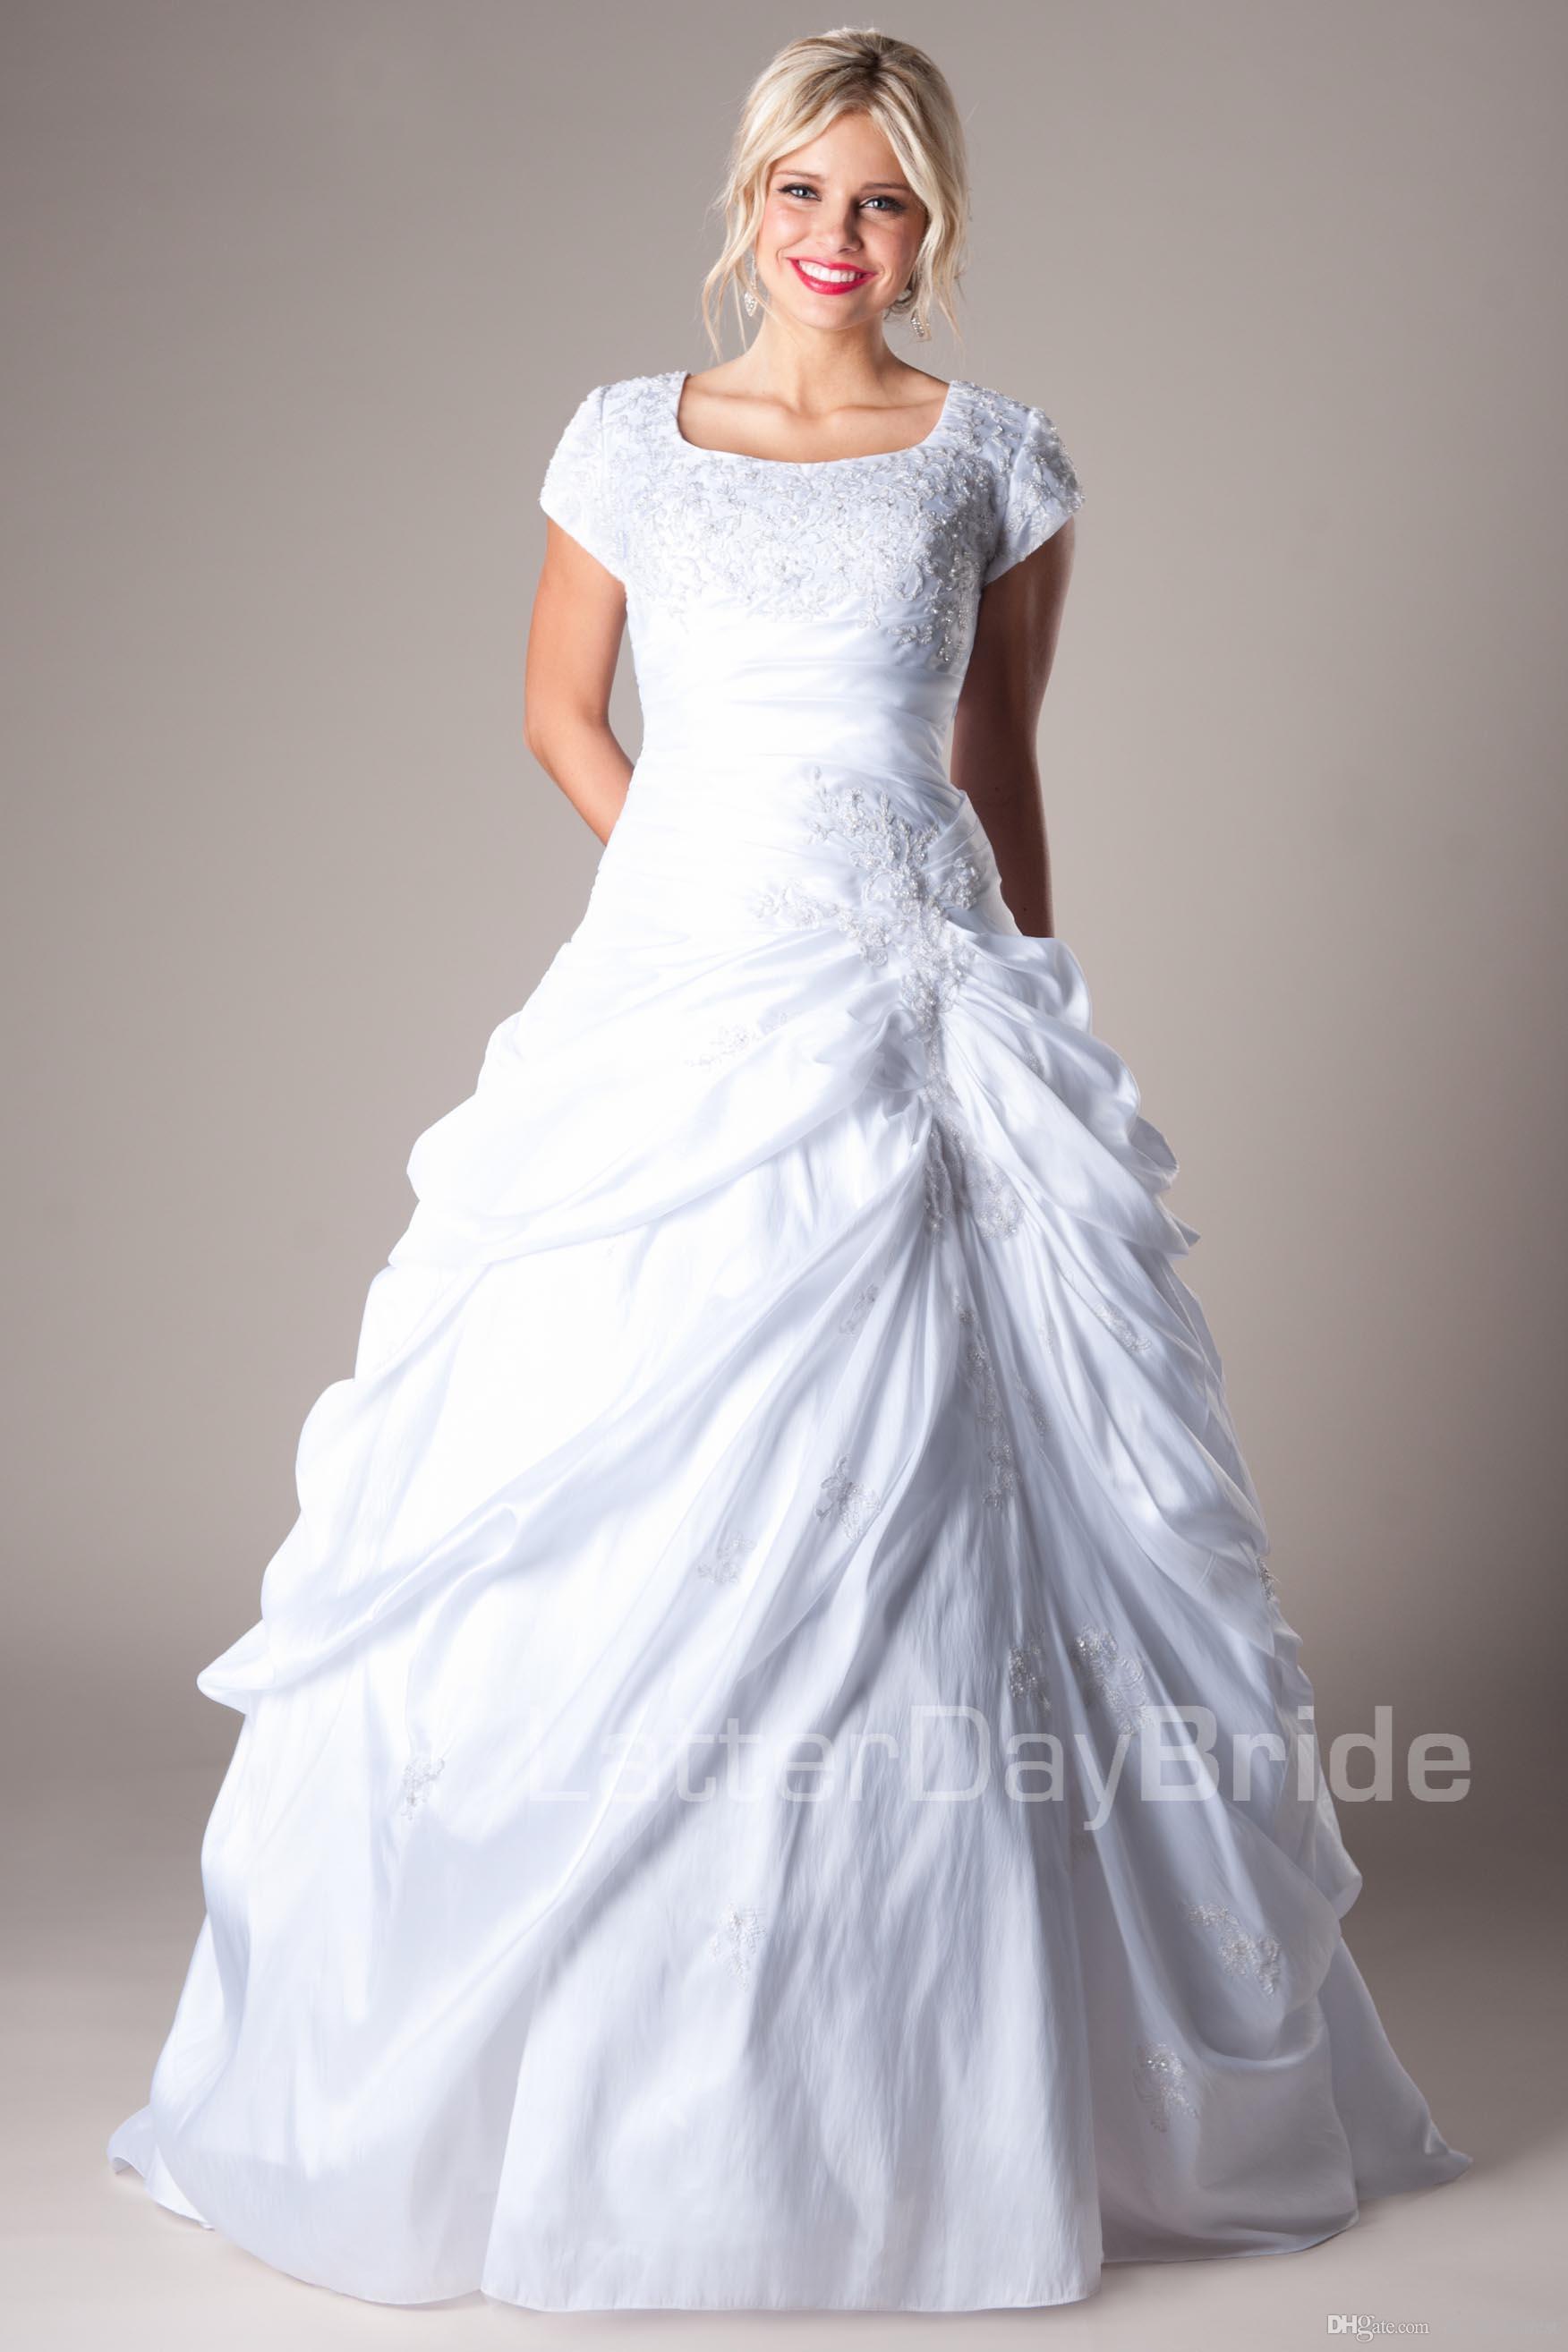 Großhandel Klassisches Weißes Ballkleid Modest Brautkleider Cap ...